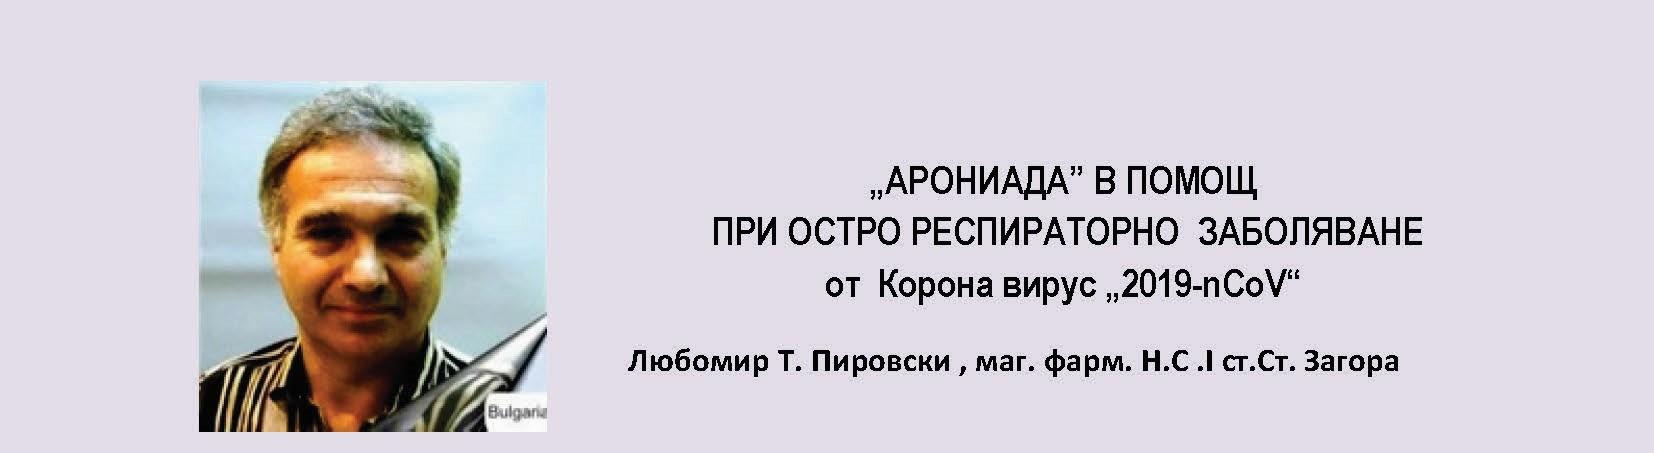 АРОНИАДА -маг.фарм. Пировски 2020- принт А5_Page_2 - заглавие з асайта